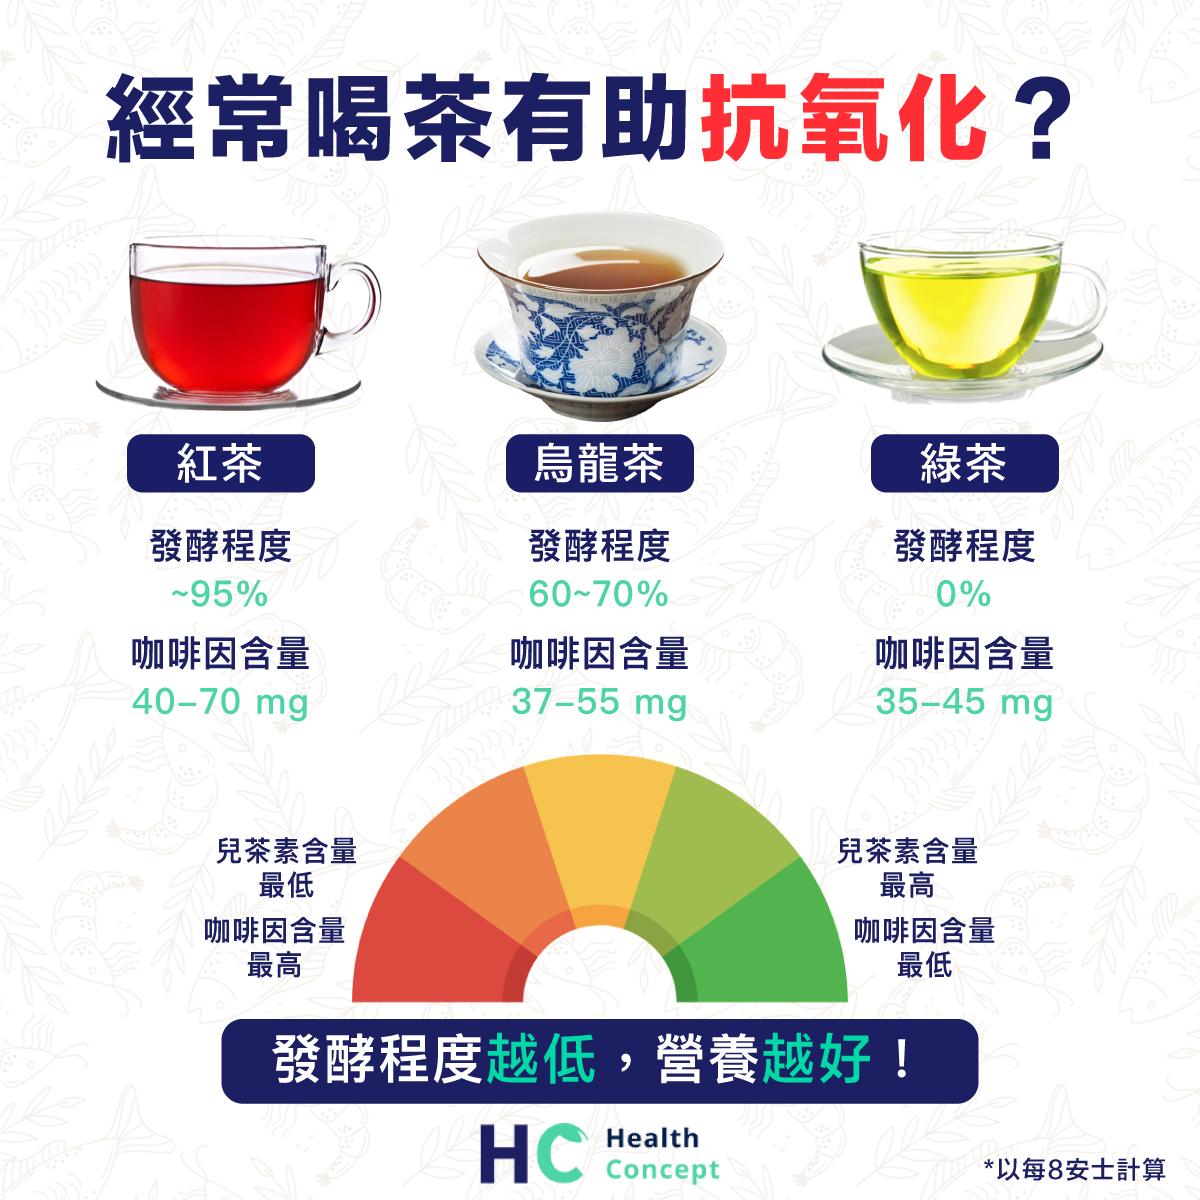 【營養食物】經常喝茶有助抗氧化?